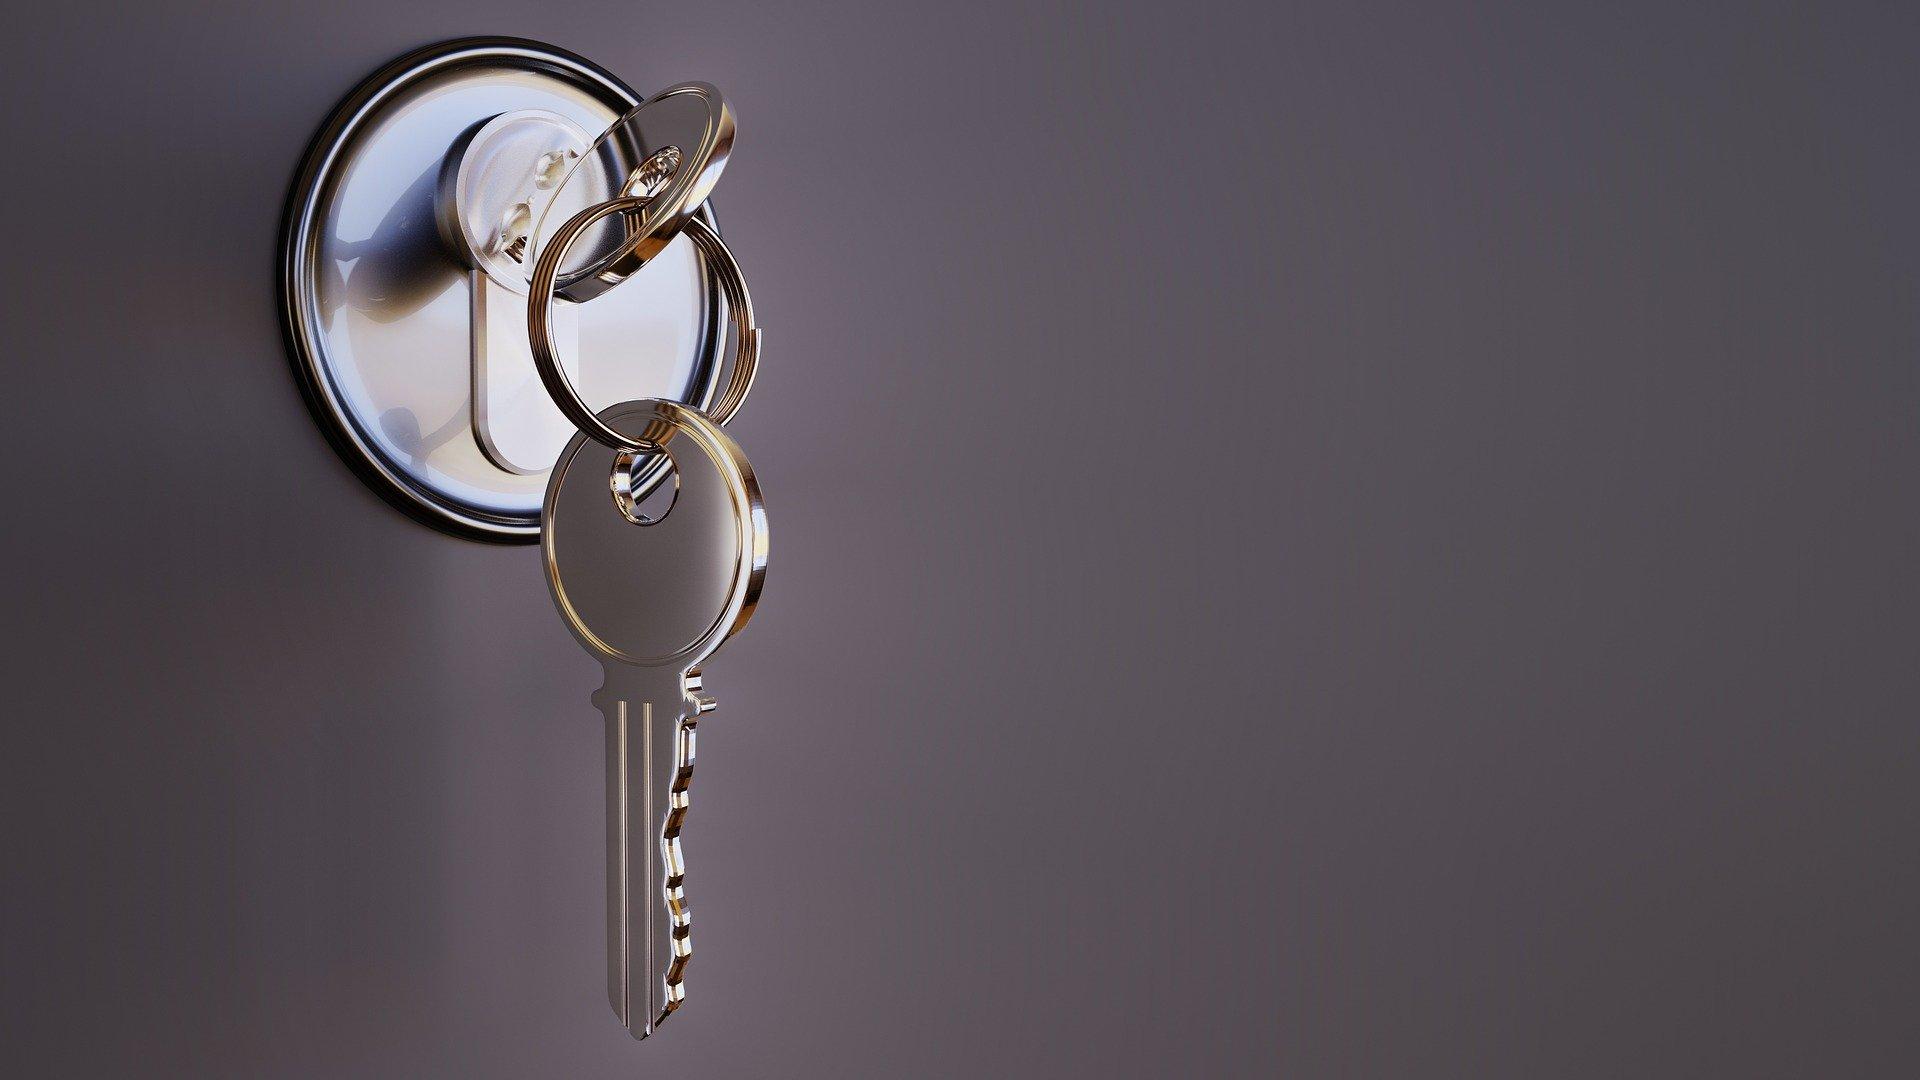 Sicurezza e privacy | Creasystem